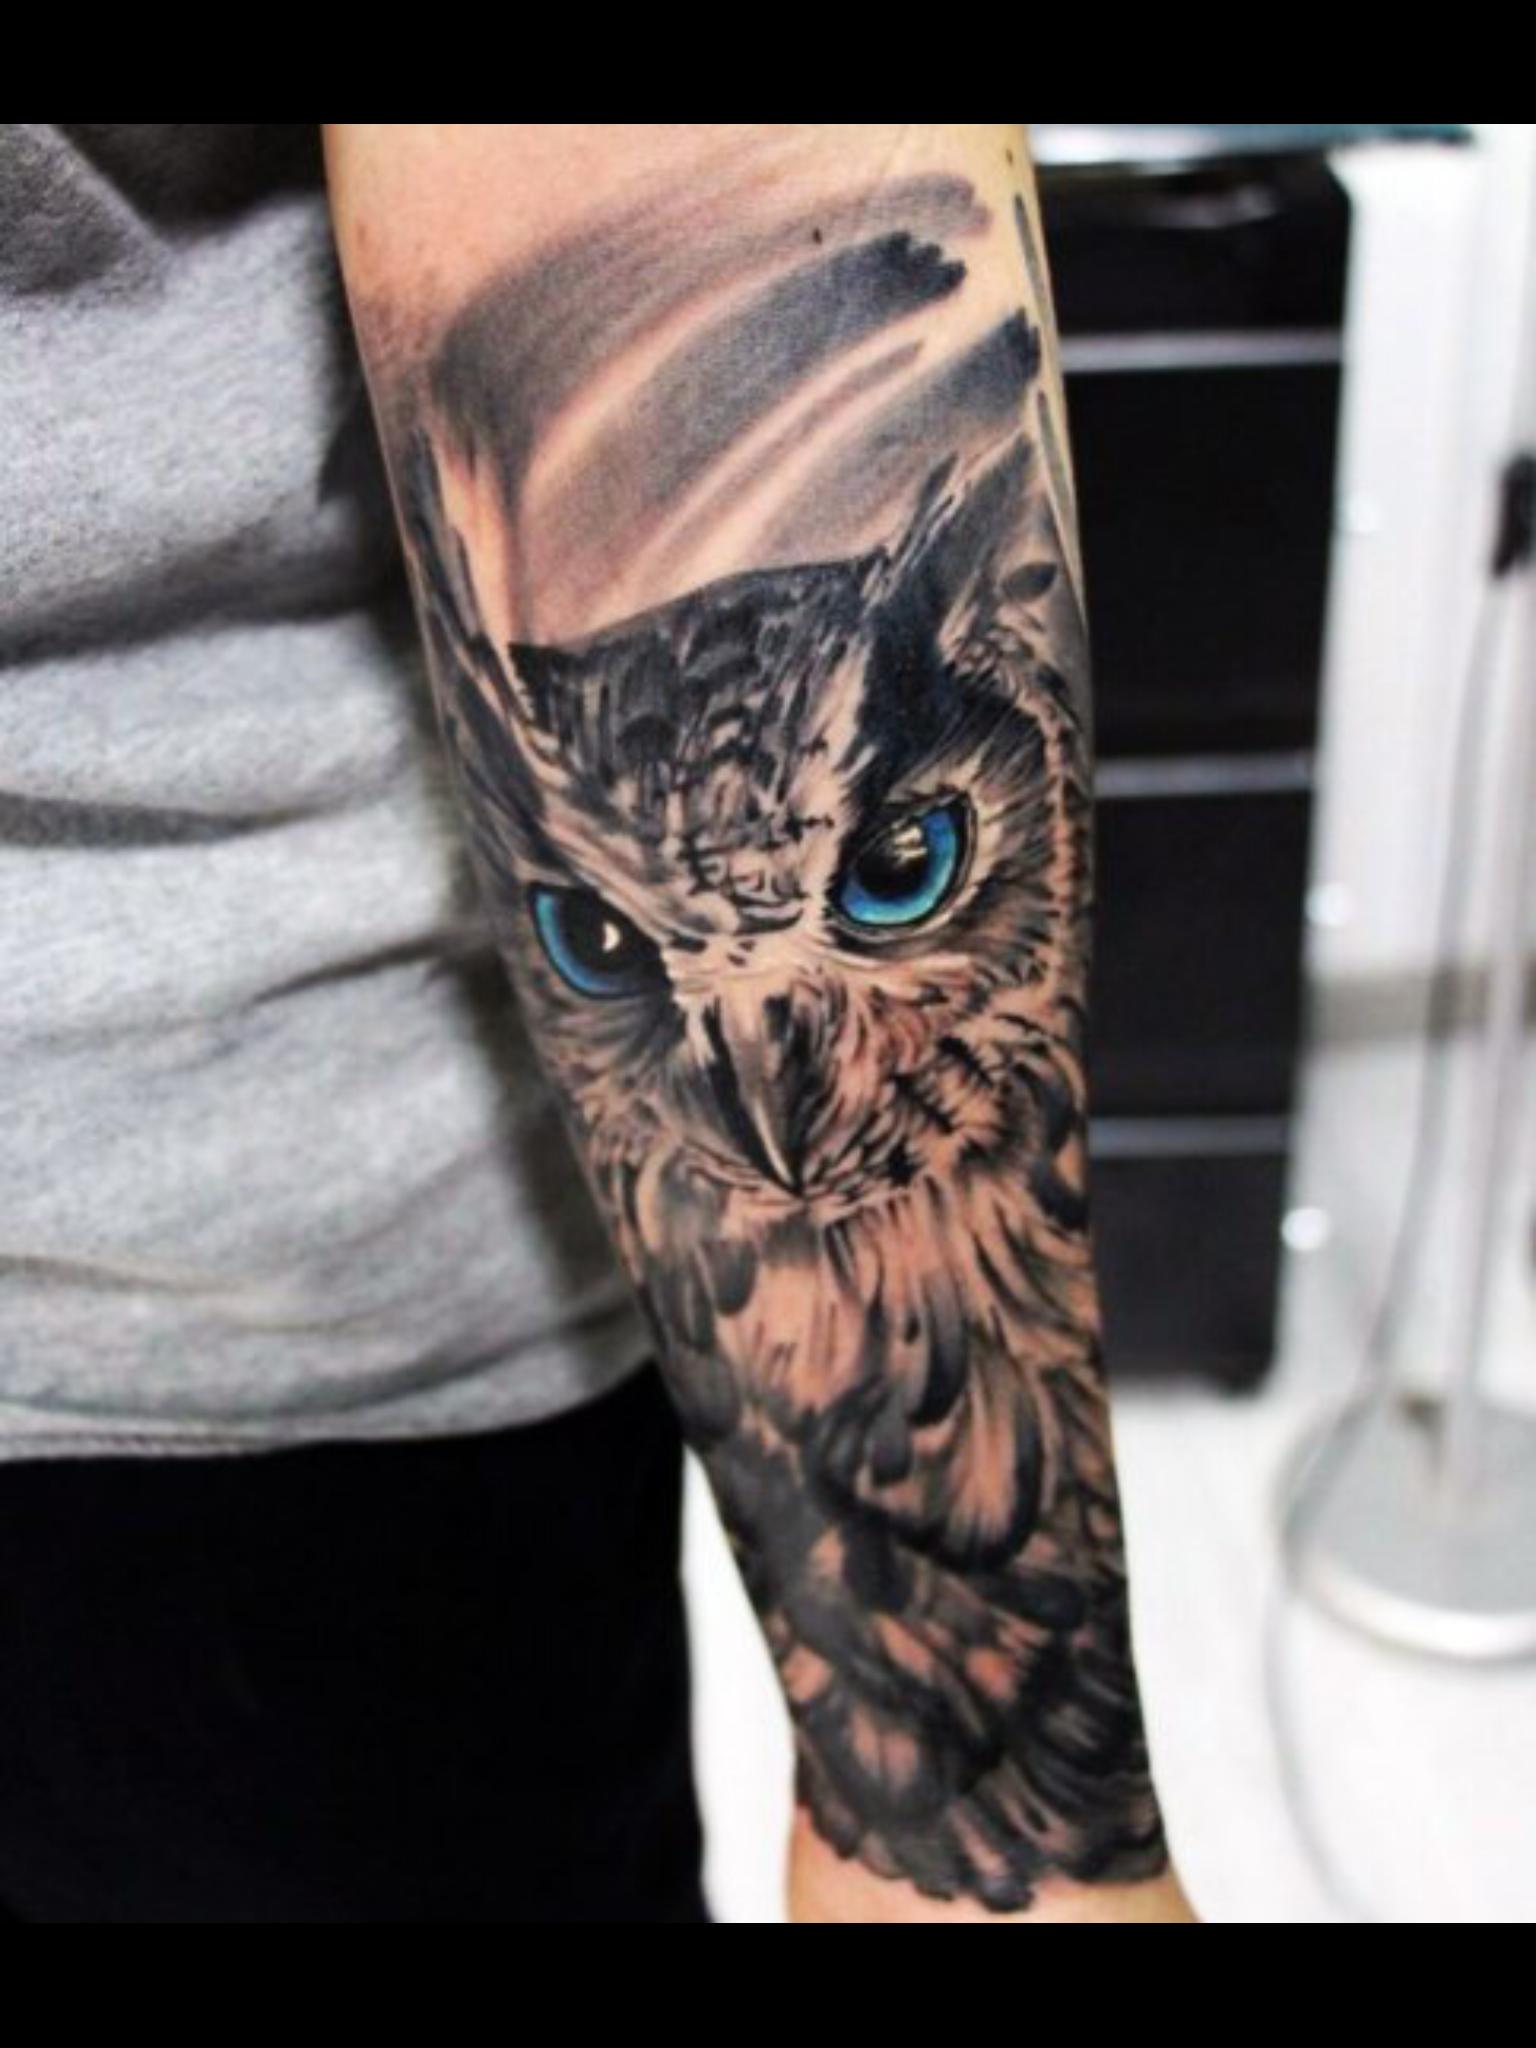 Pin De Edgar U Medrano Mijares En Tatuajes Buhos Tatoo Ojos De Buho Tatuaje Buho